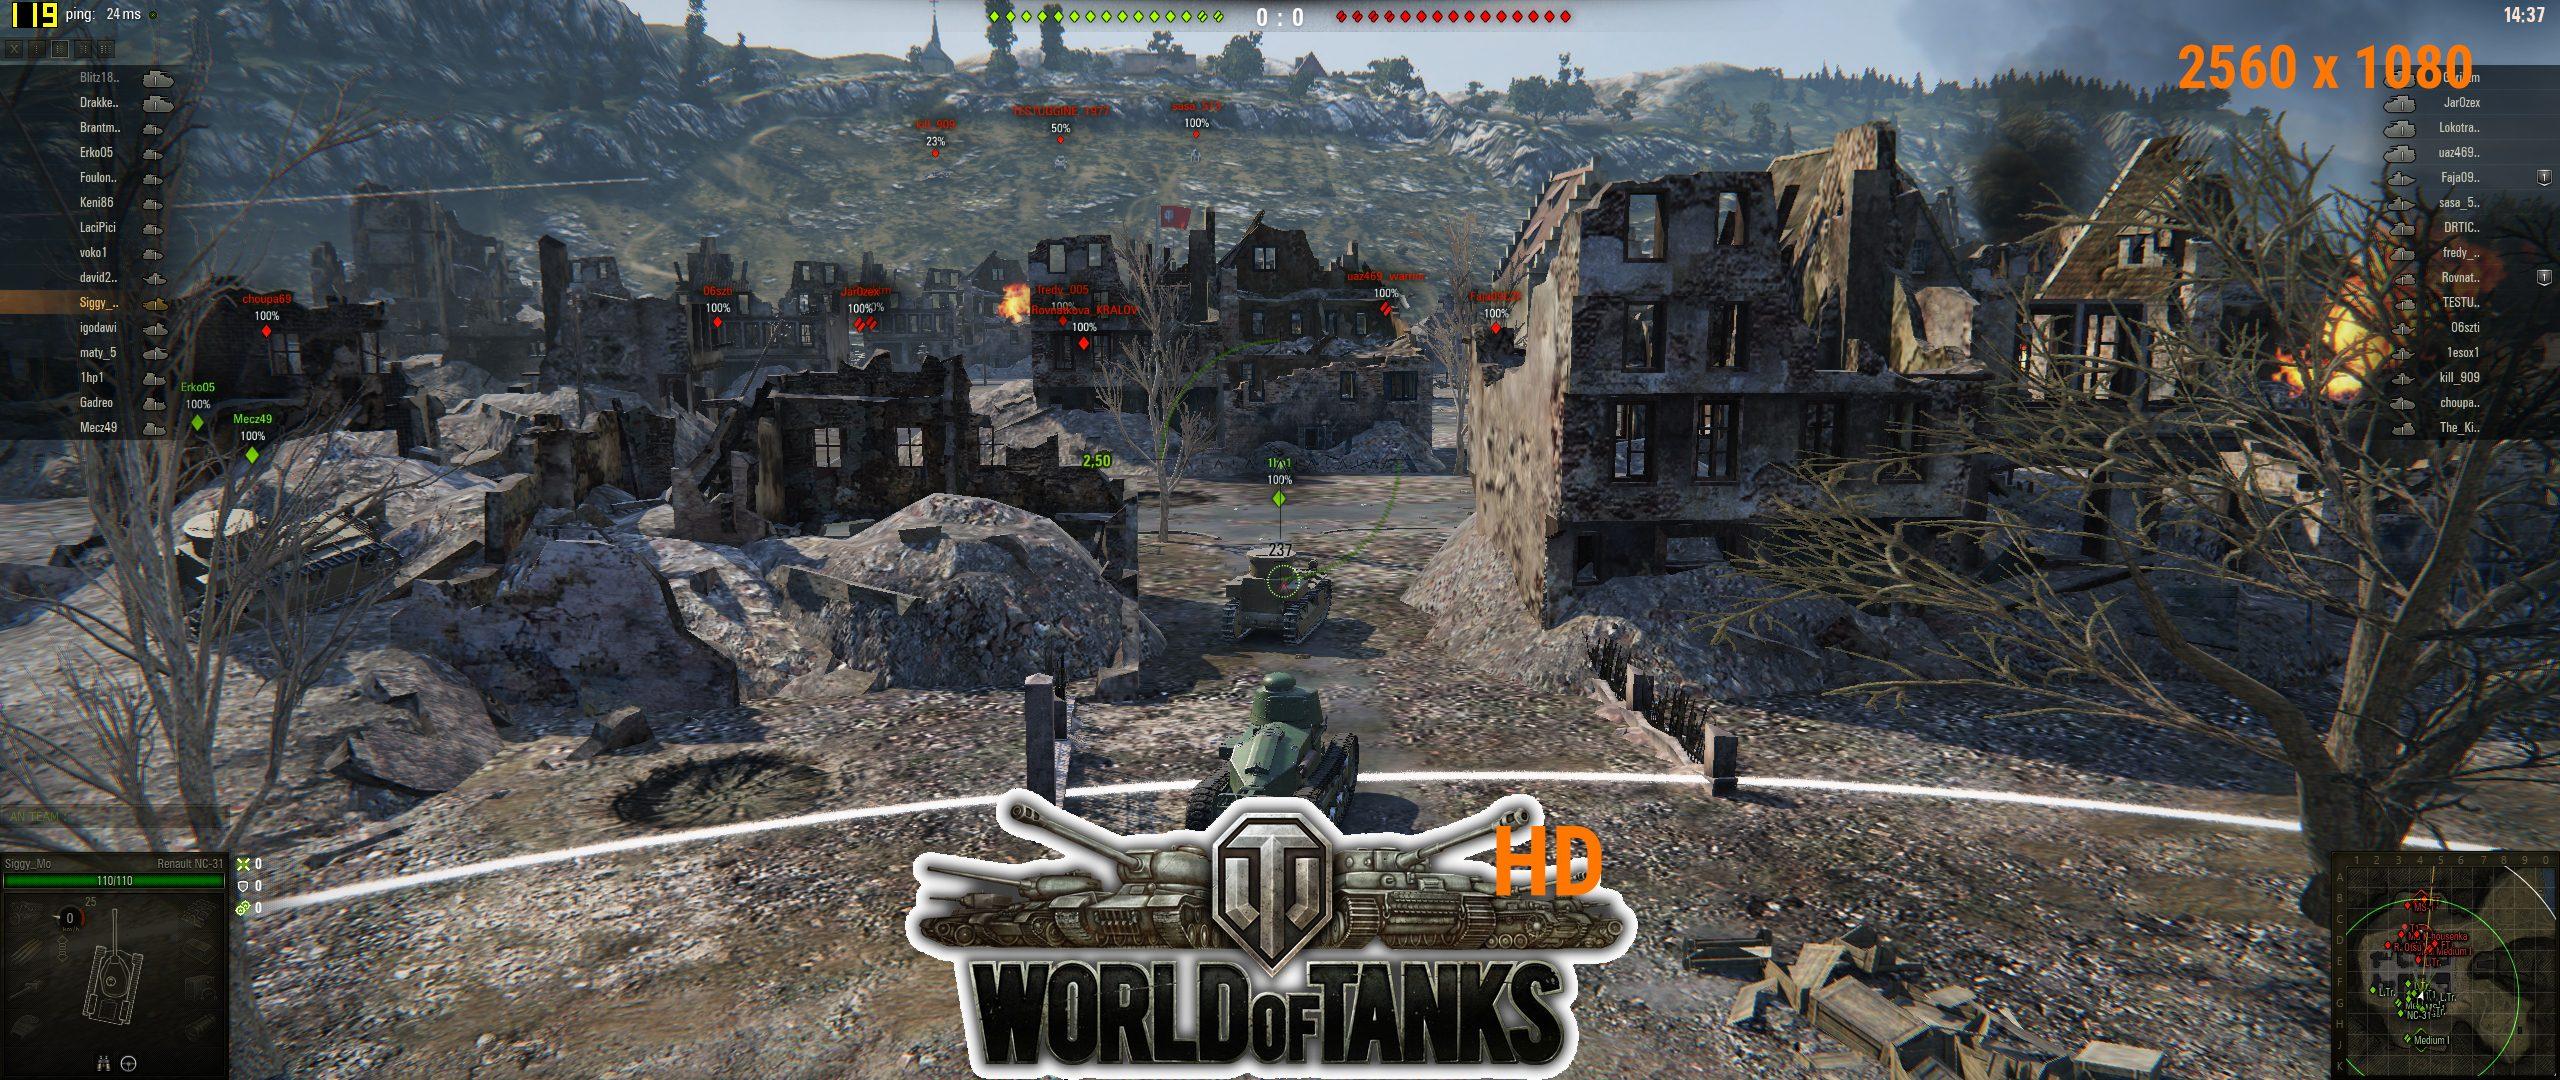 HP OMEN 17-w202ng_Games-Monitor_1